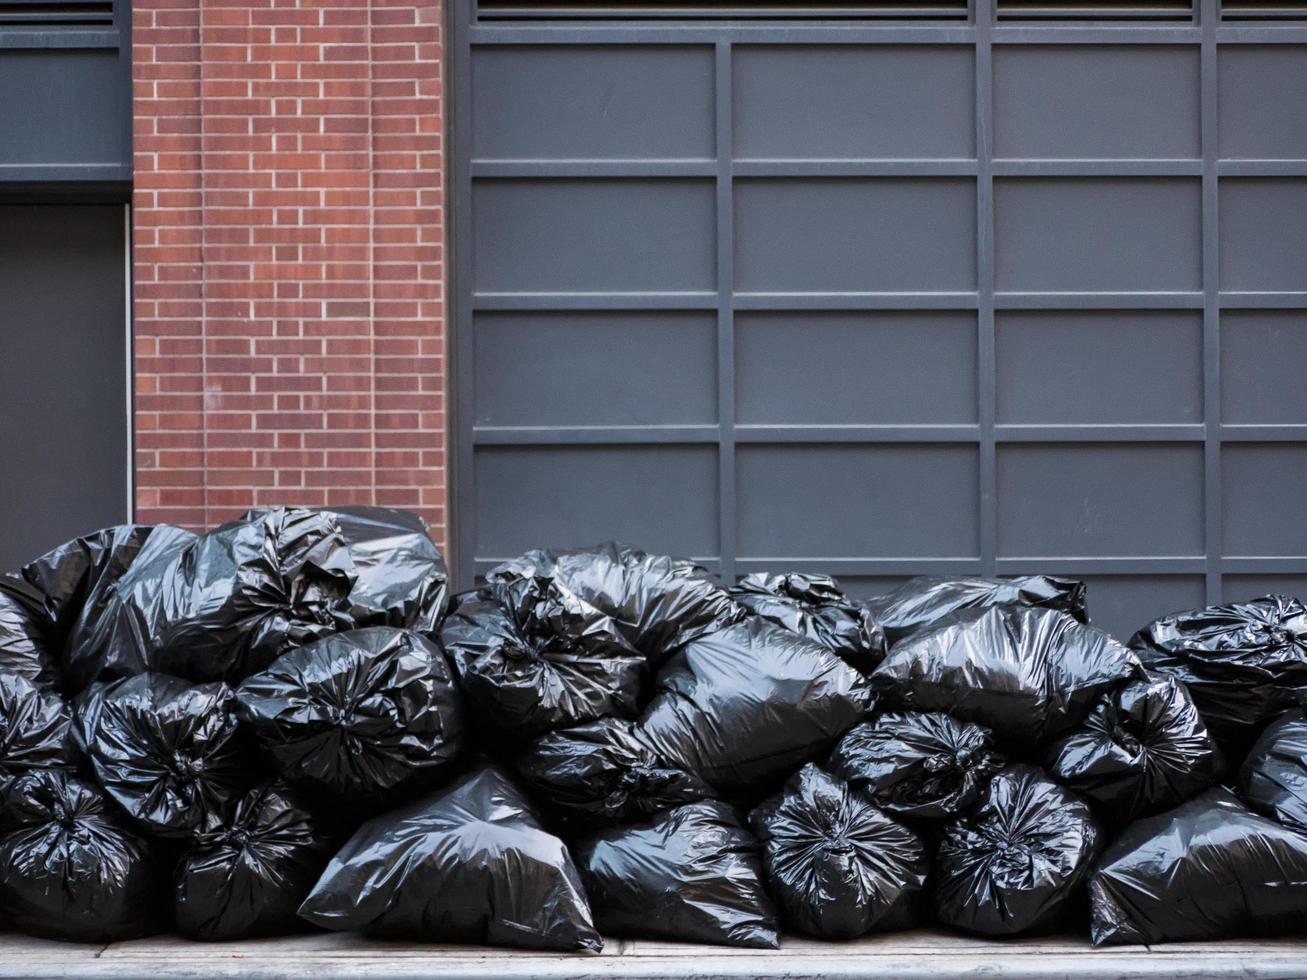 sacos de lixo pretos foto